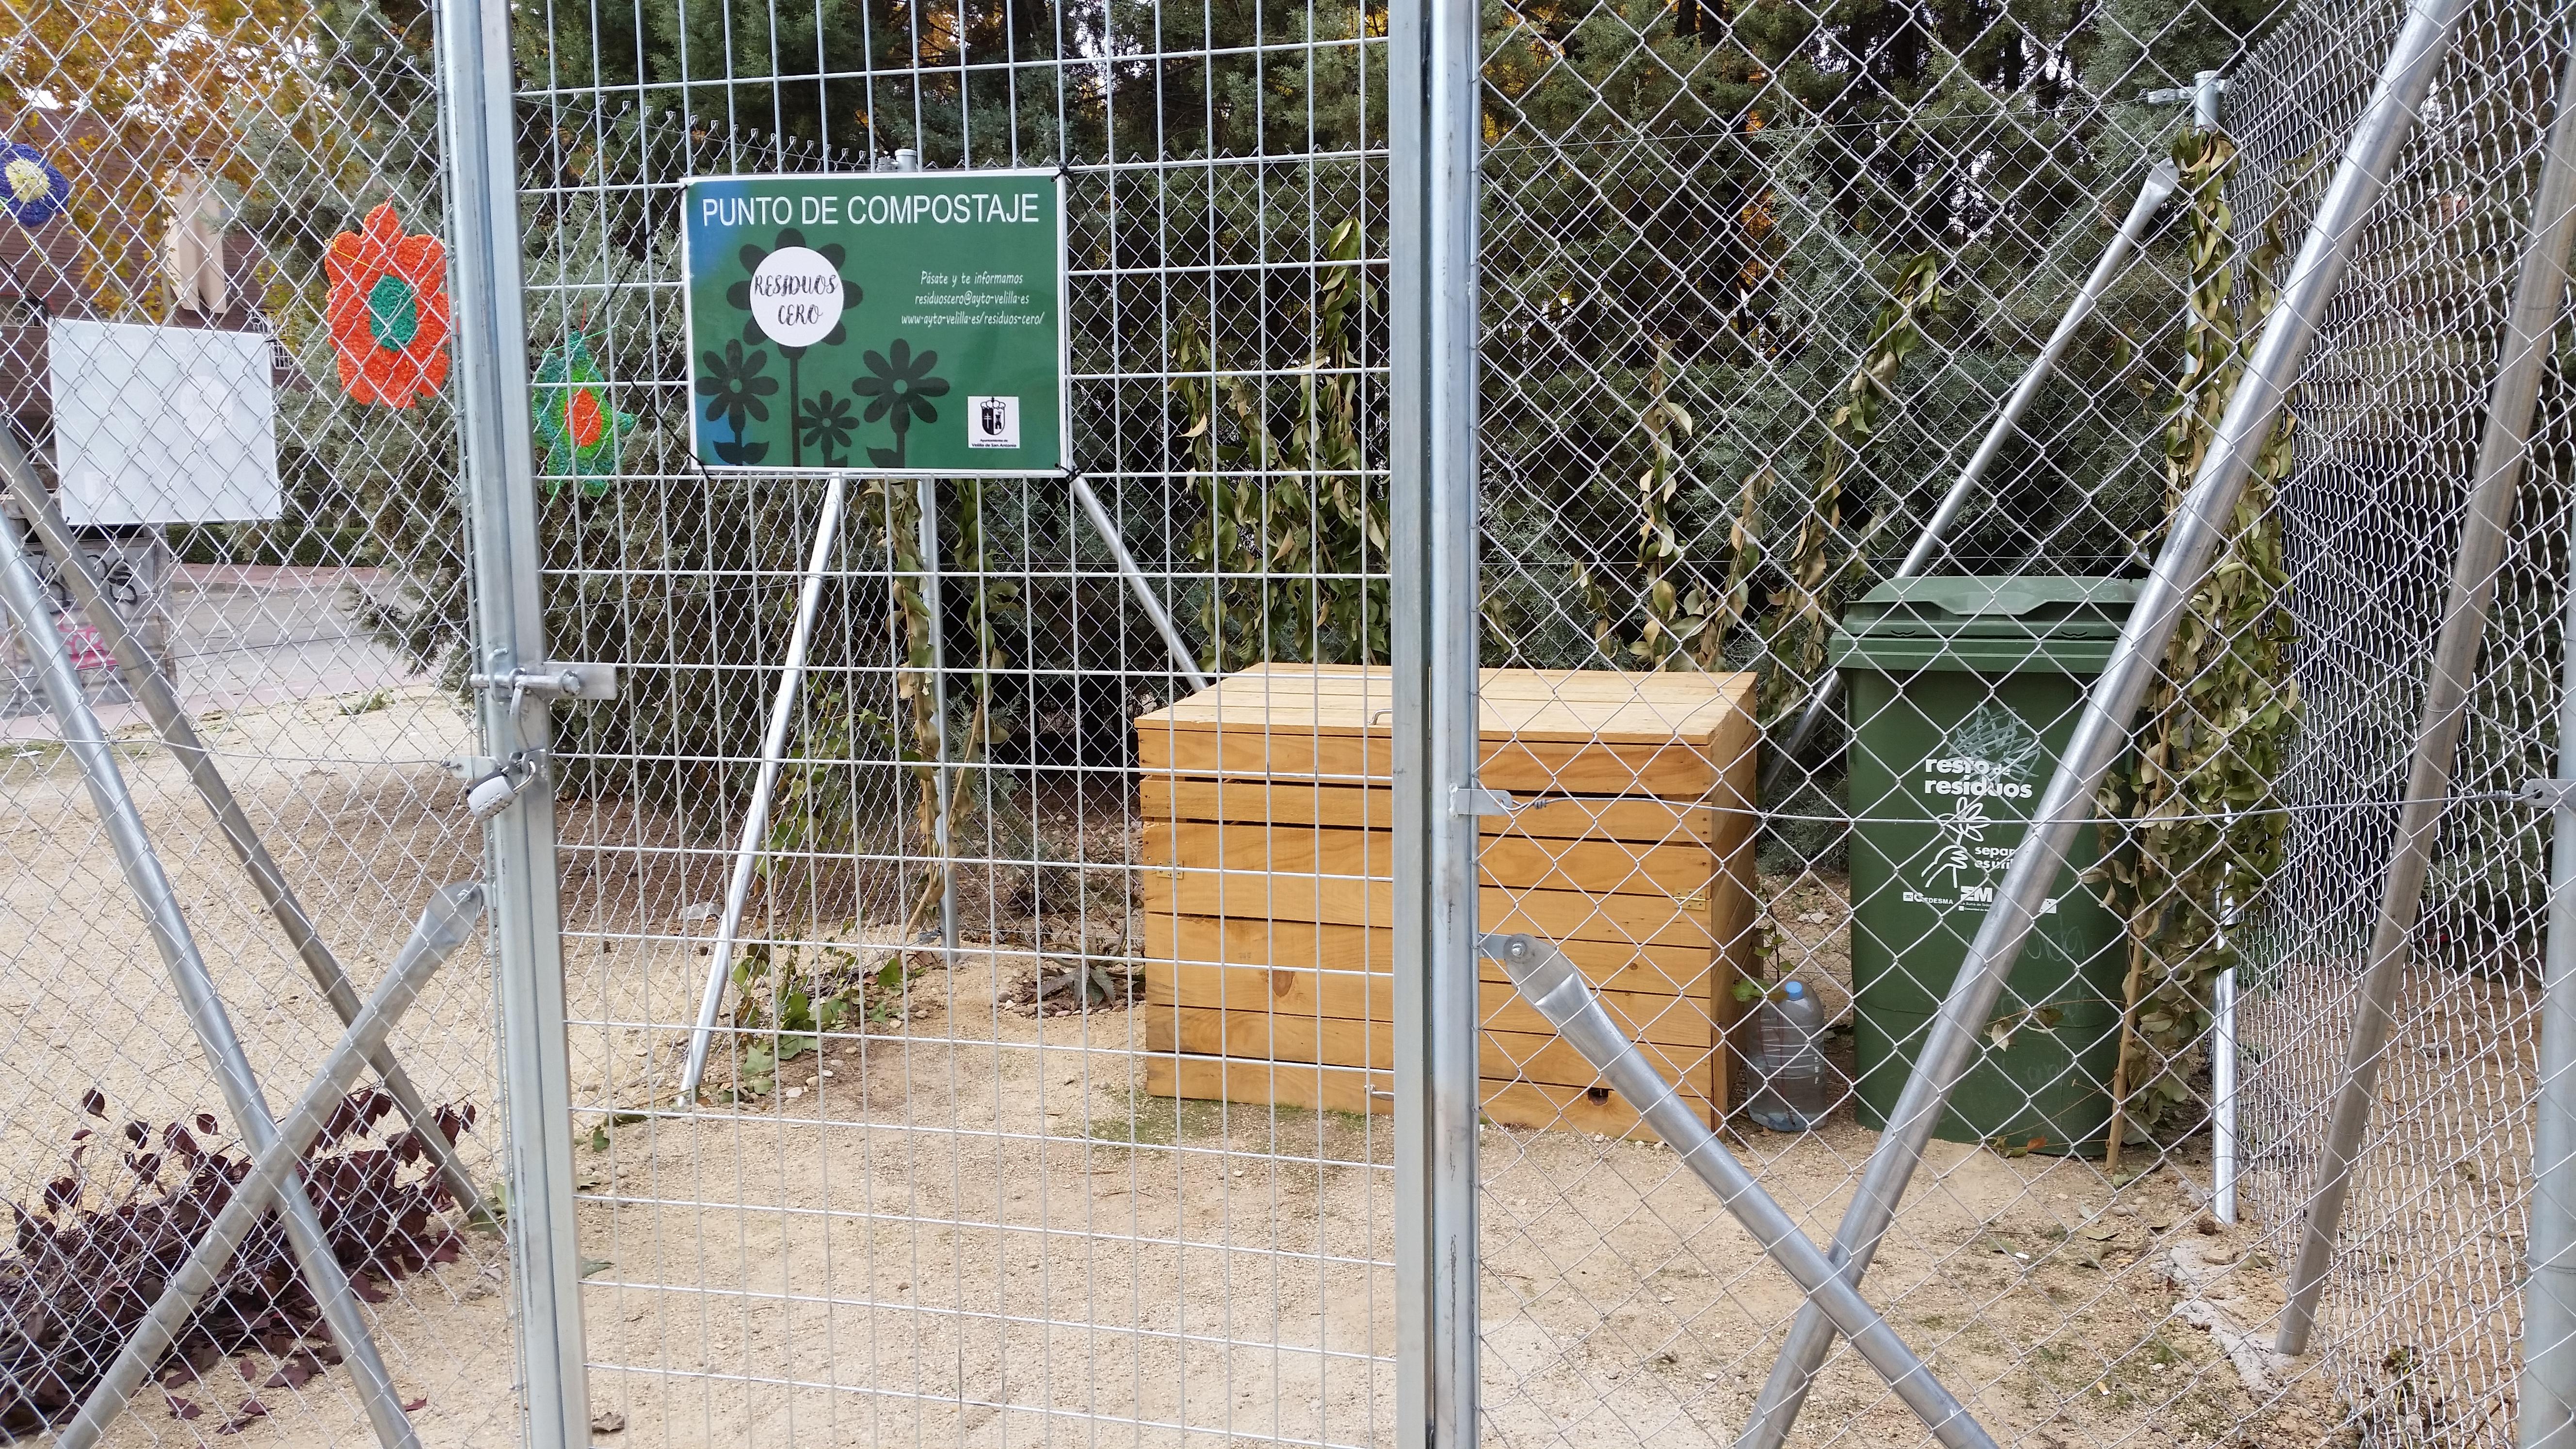 ¿Conoces el proyecto de compostaje en Velilla?